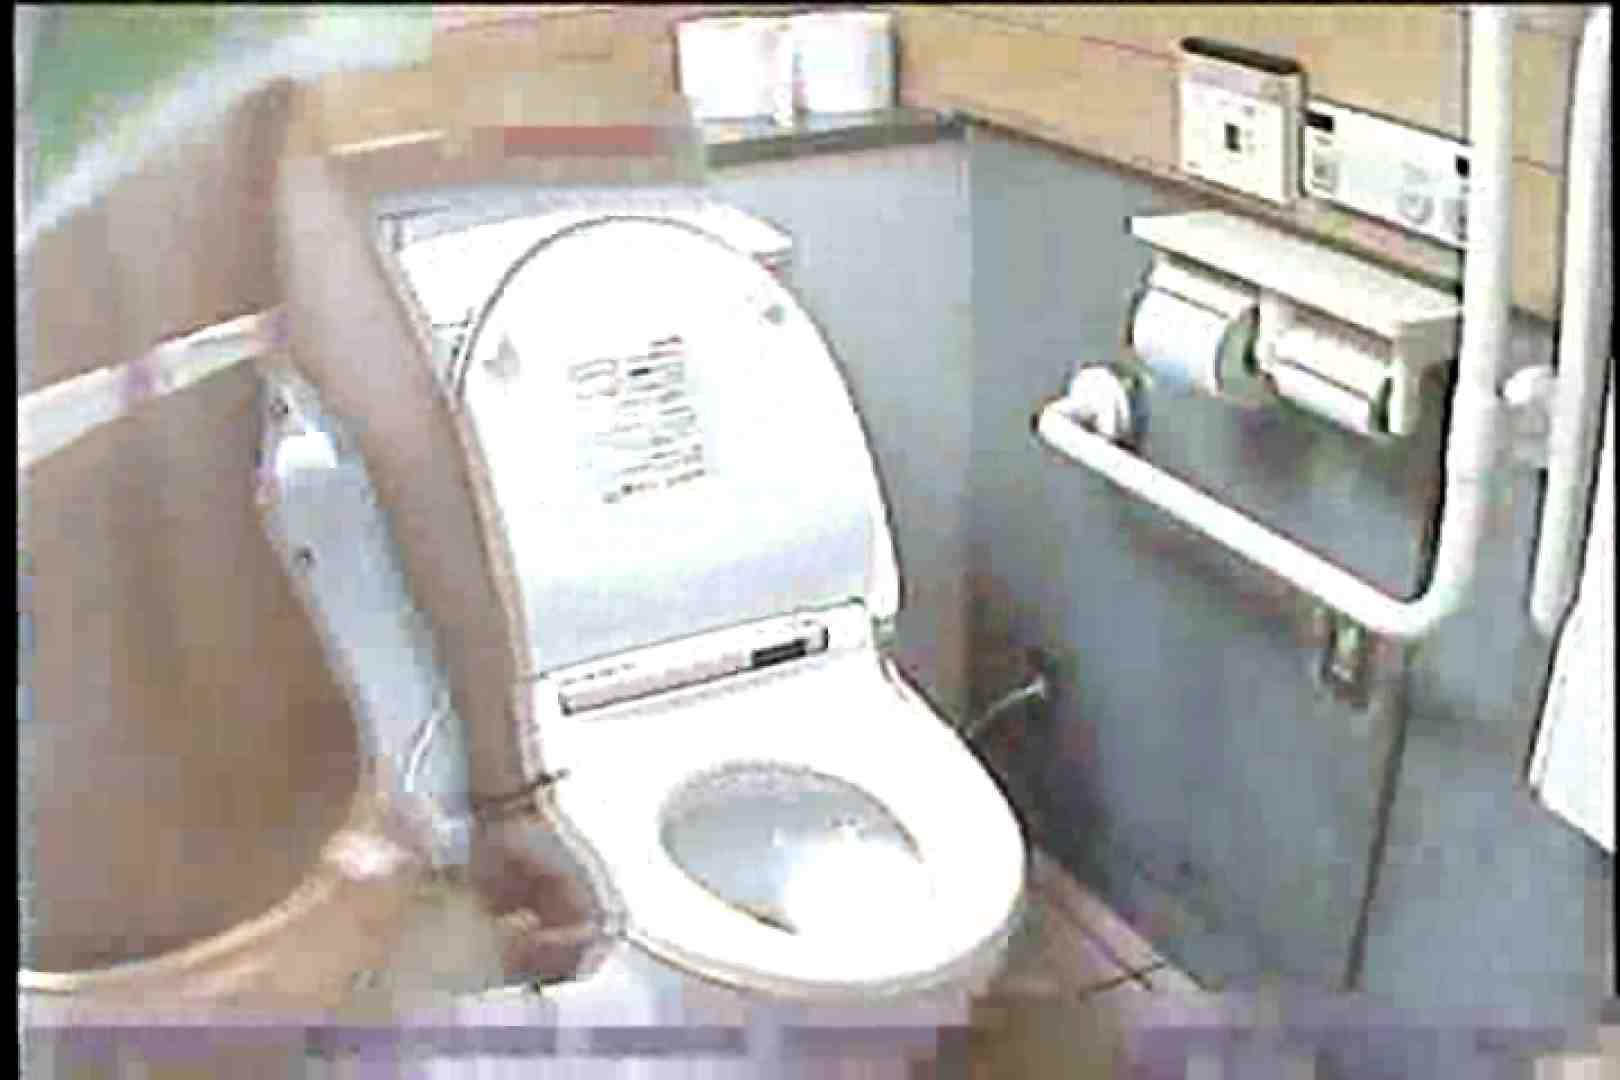 2点盗撮洗面所潜入レポートVol.7 洋式固定カメラ編 盗撮   潜入  63pic 61